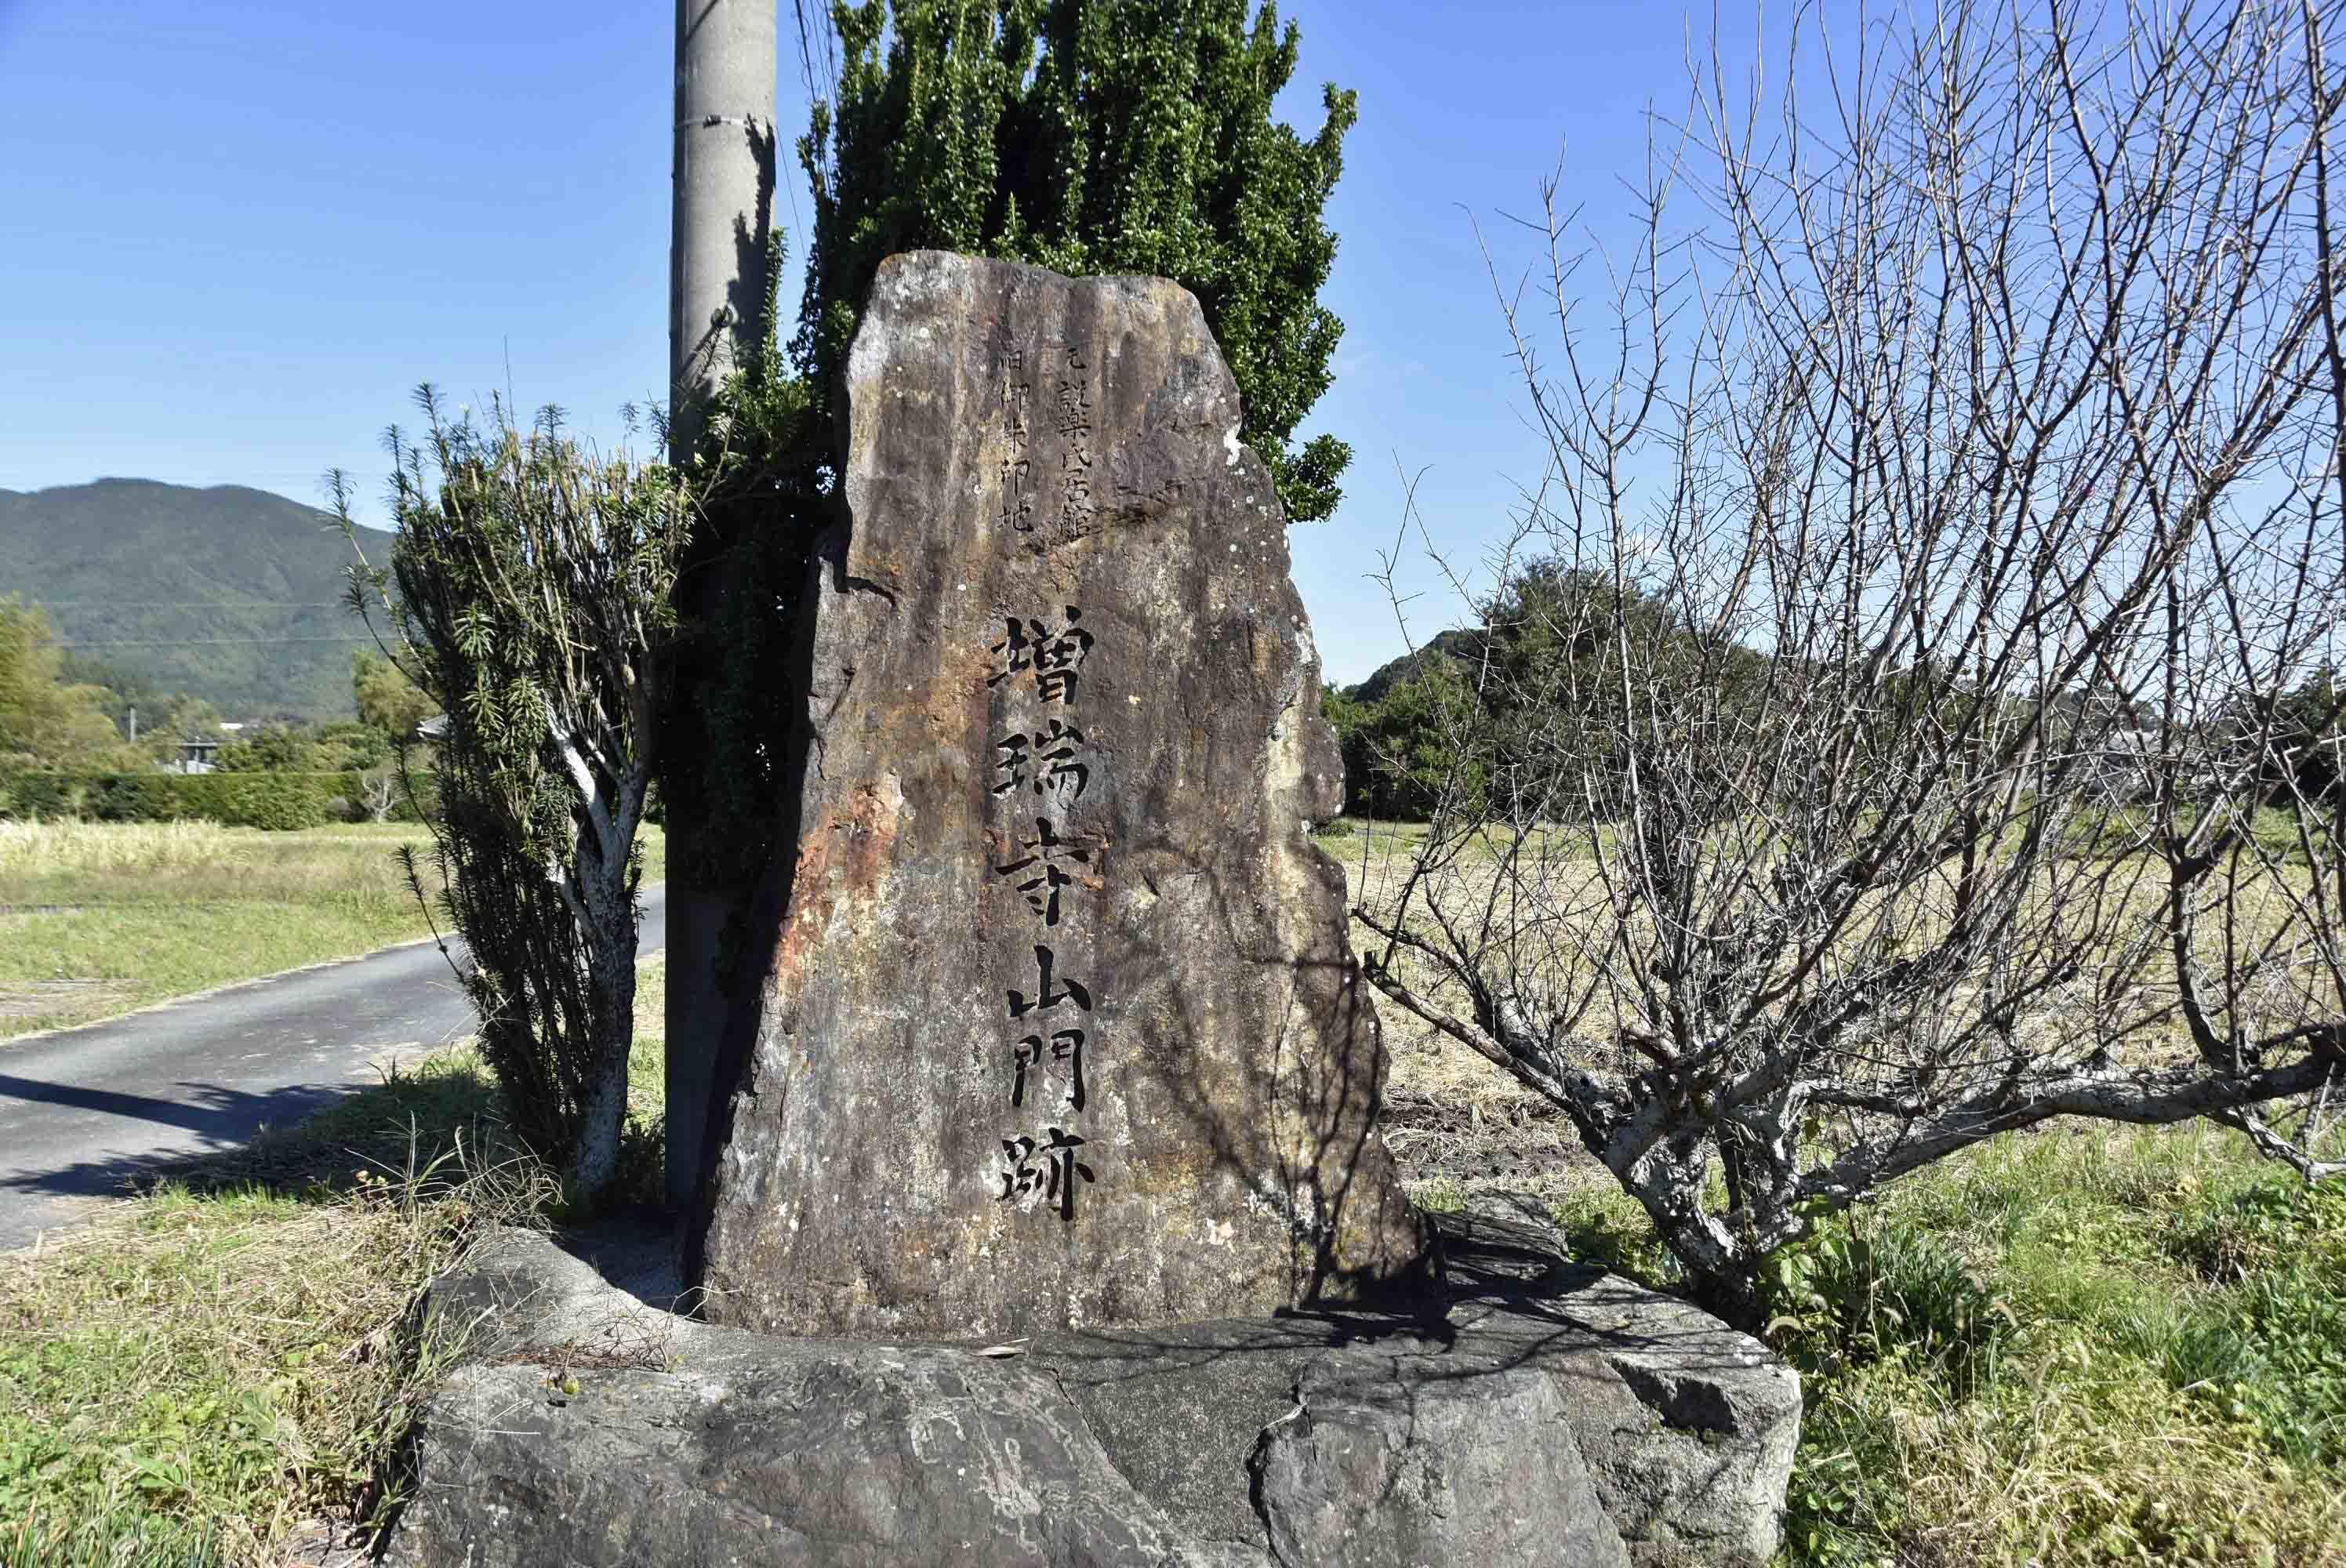 設楽氏館 山門跡の碑に設楽氏館と記されている